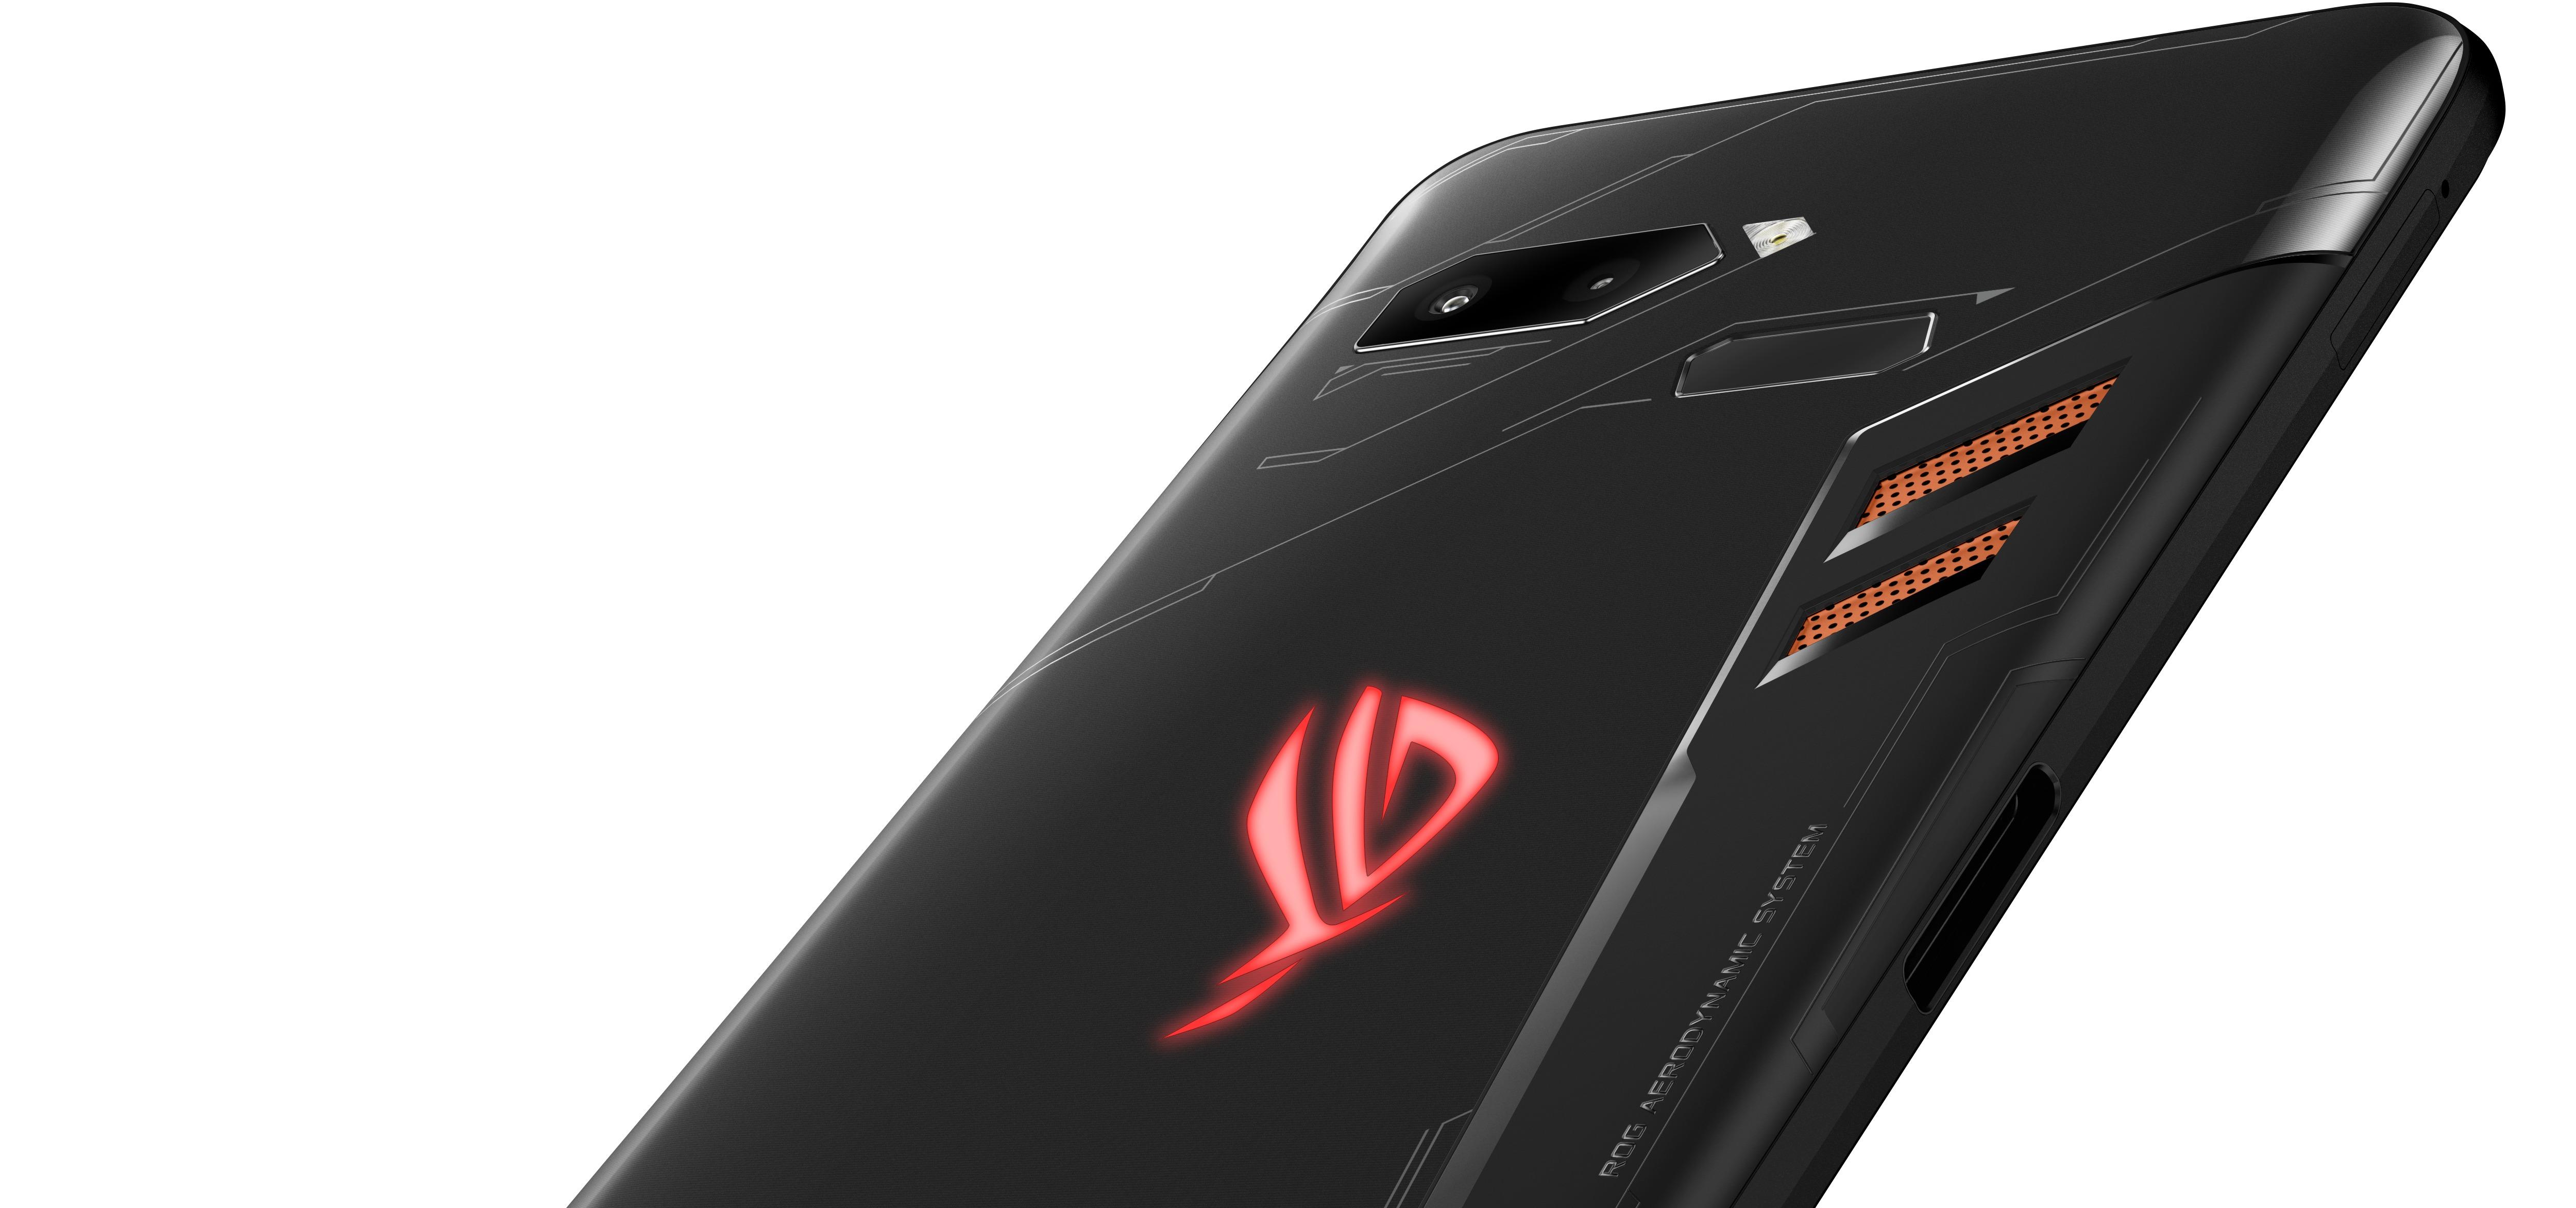 Rusza przedsprzedaż ASUS ROG Phone – gamingowego smartfona z prawdziwego zdarzenia